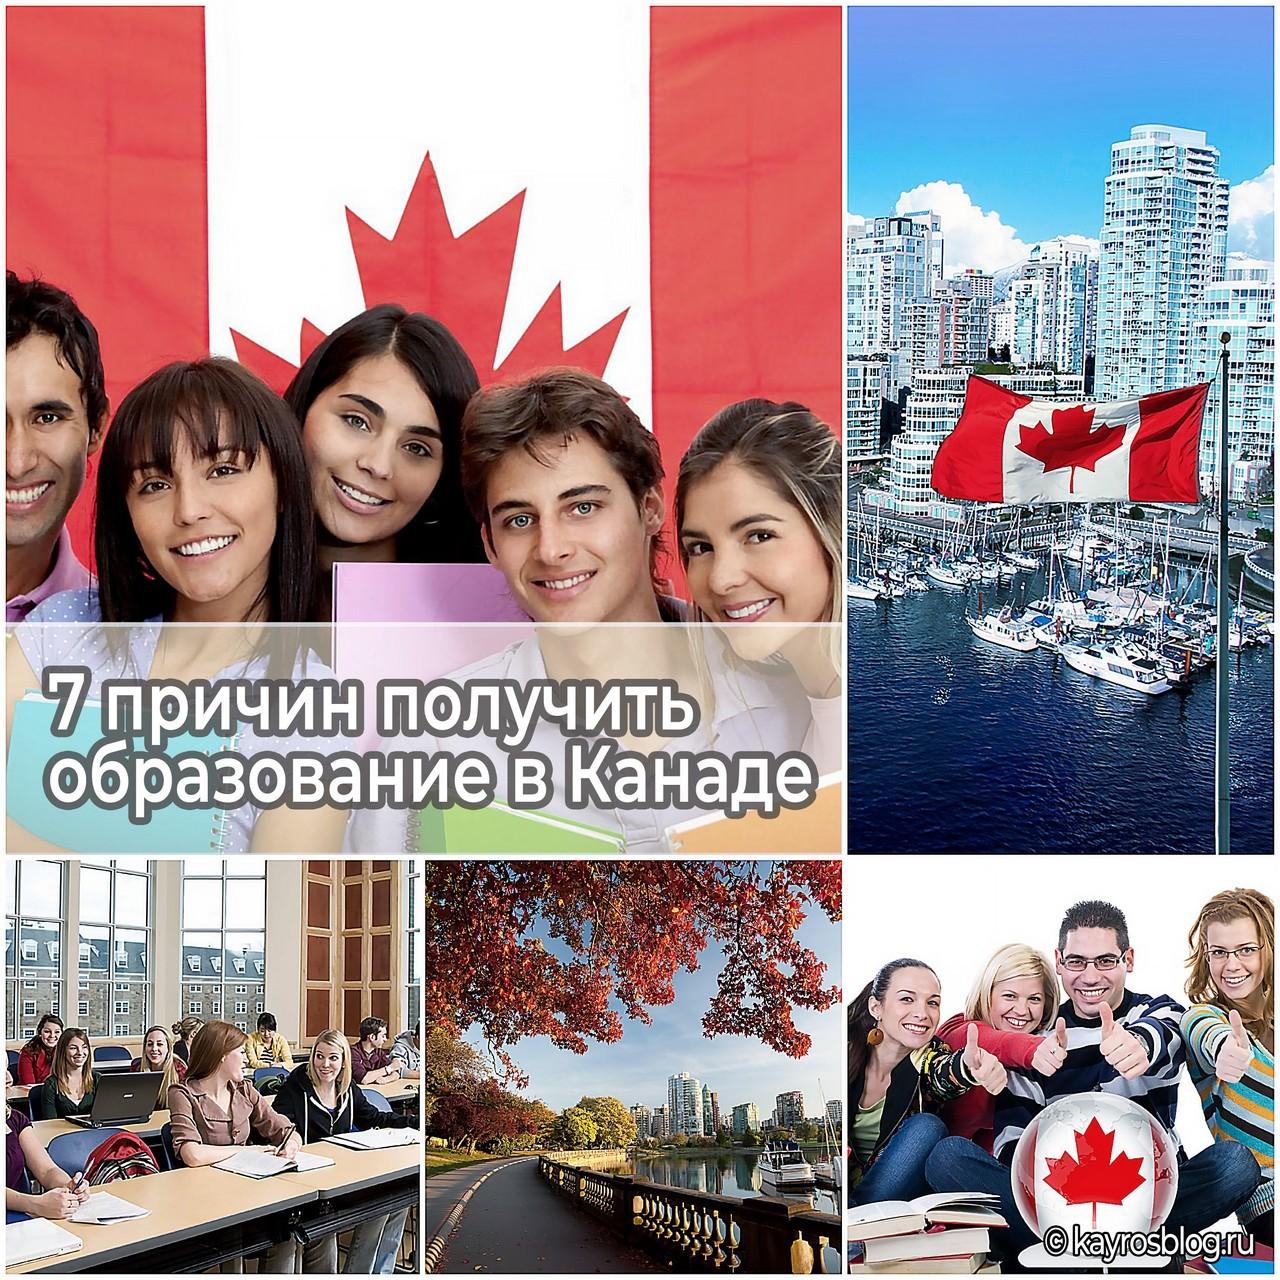 7 причин получить образование в Канаде